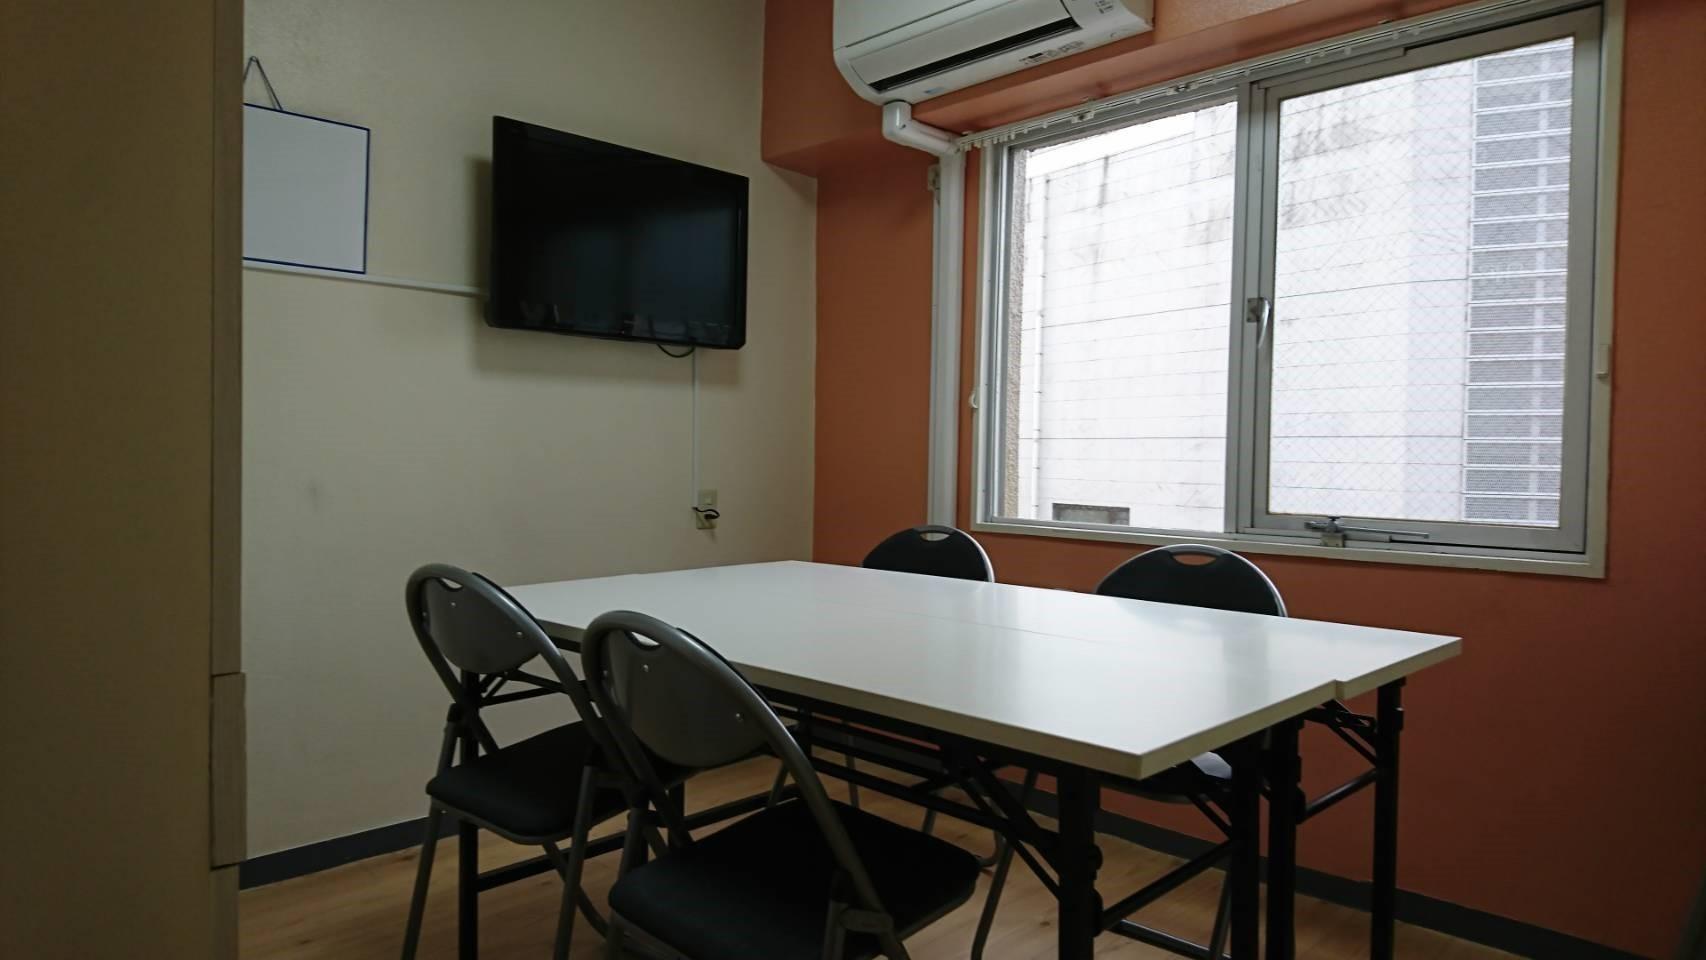 【オープニングセール継続中】キャナルシティ直ぐヨコ!便利な会議室 608(【オープニングセール中】T-FLATルーム) の写真0